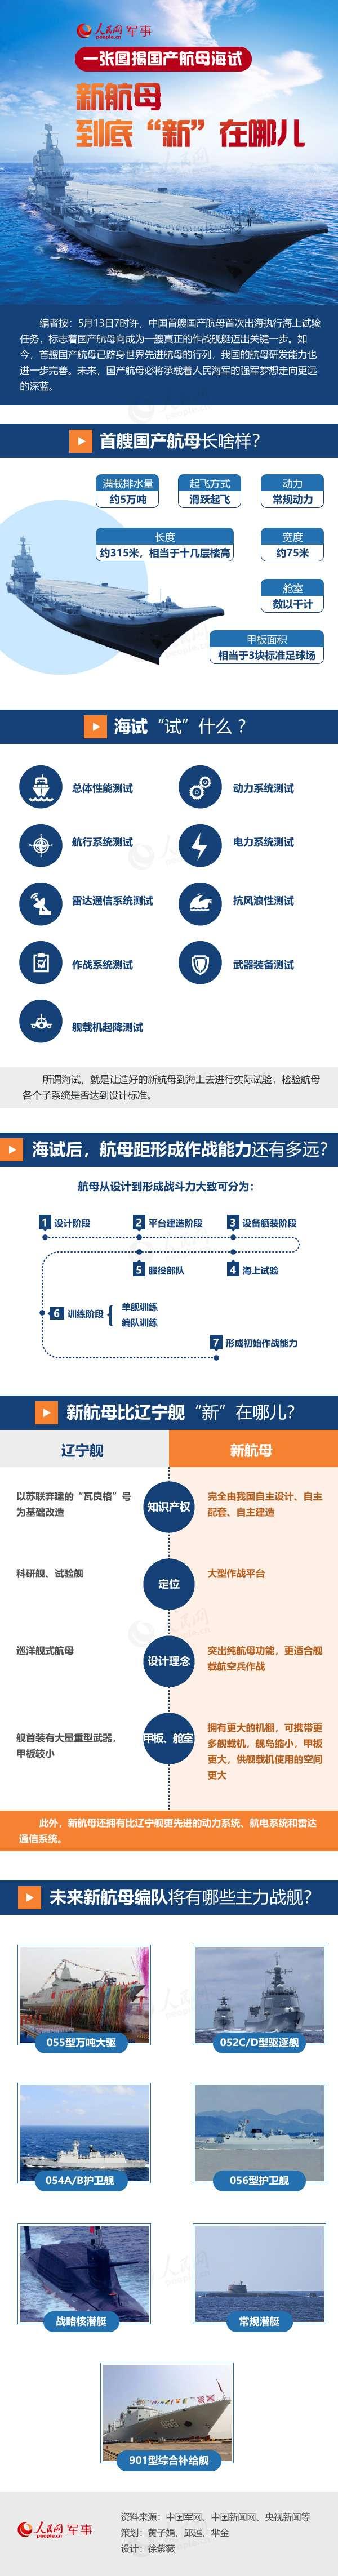 圖解中國首艘國產航母。(人民網)